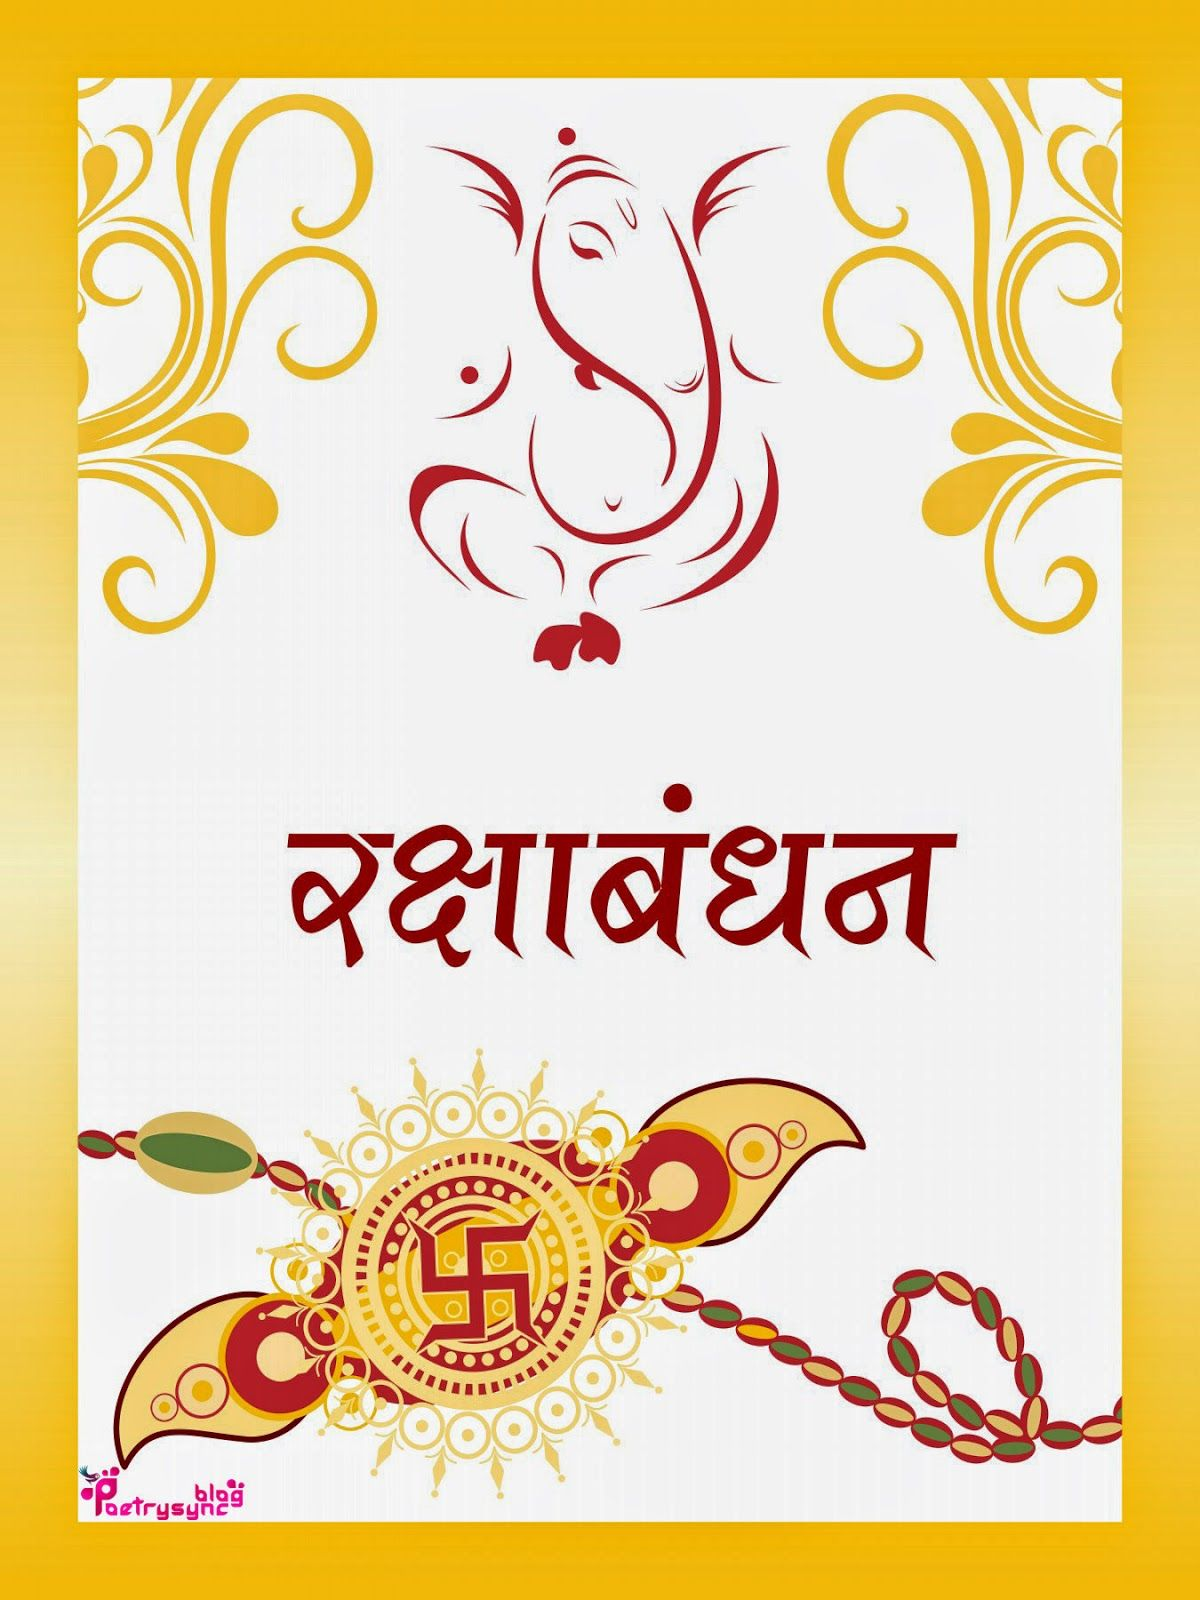 photograph relating to Raksha Bandhan Printable Cards known as Photographs of Raksha Bandhan Greeting Playing cards 2014 Poetry